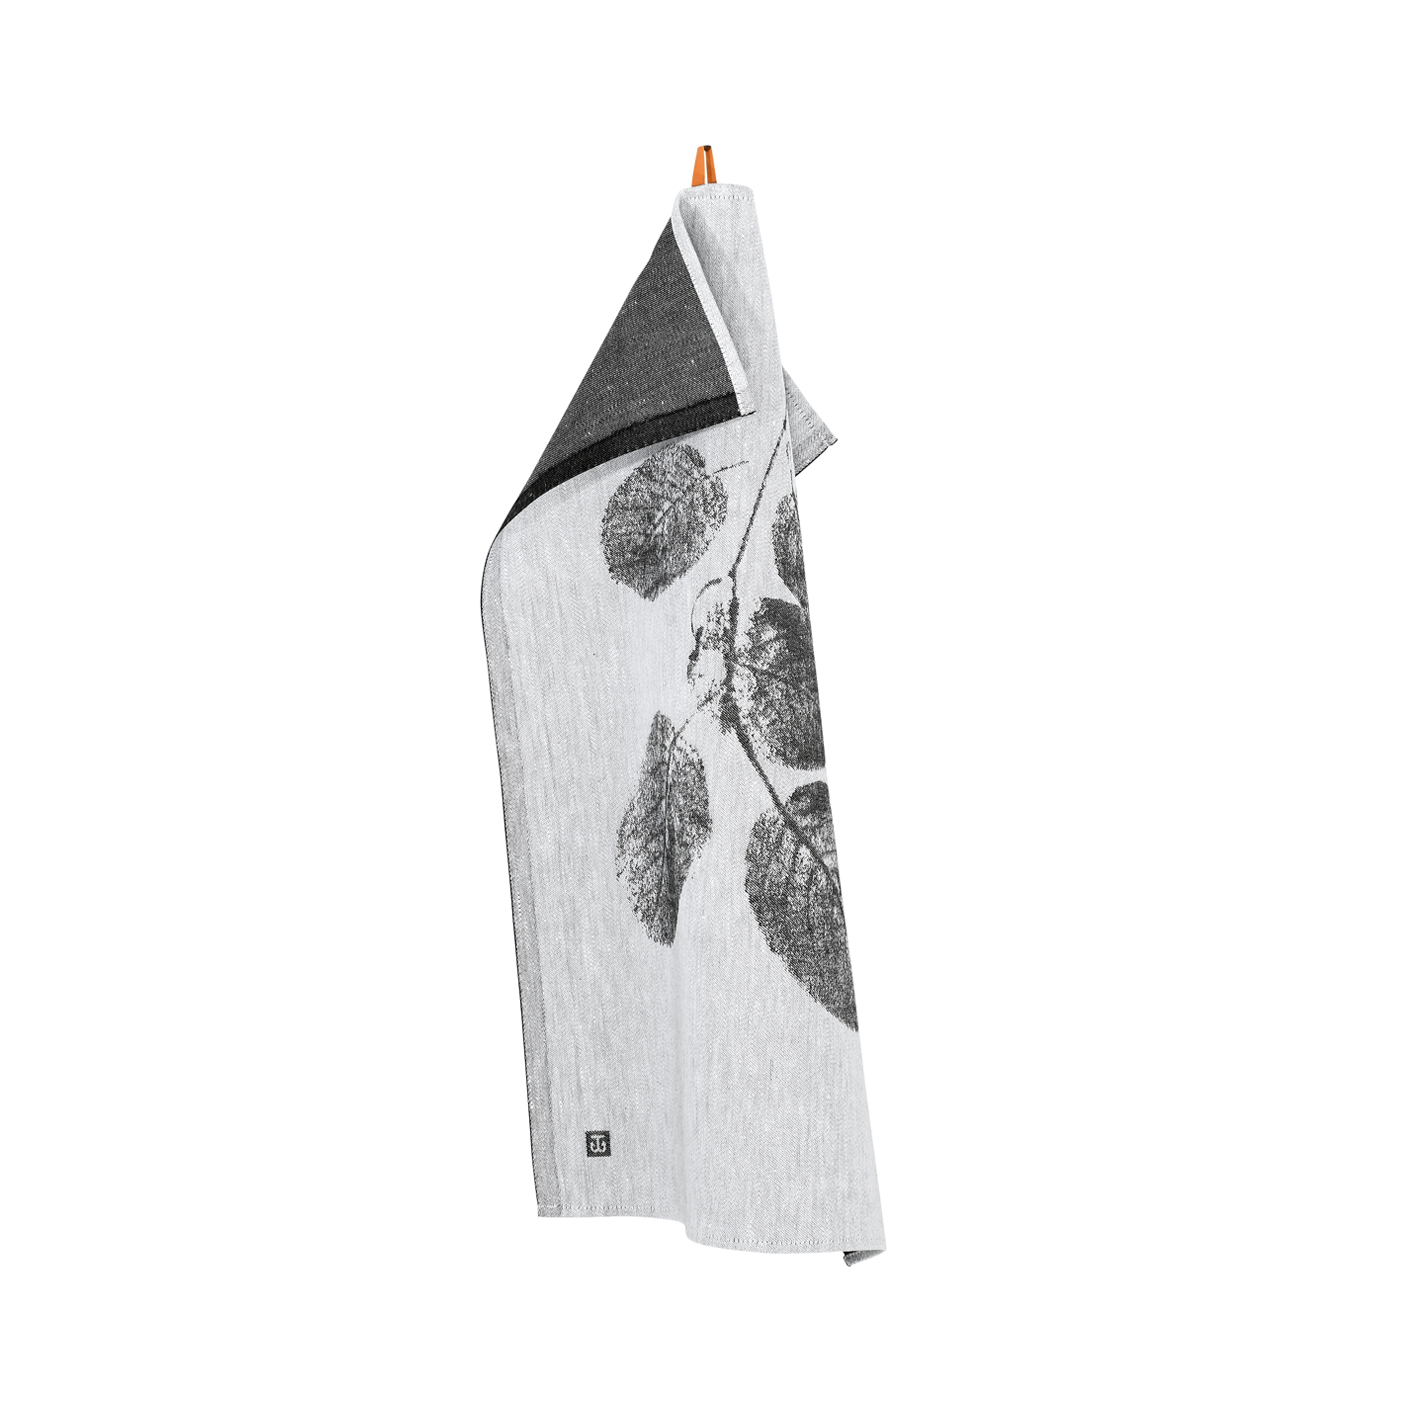 Raitapuun oksa -keittiöpyyhe